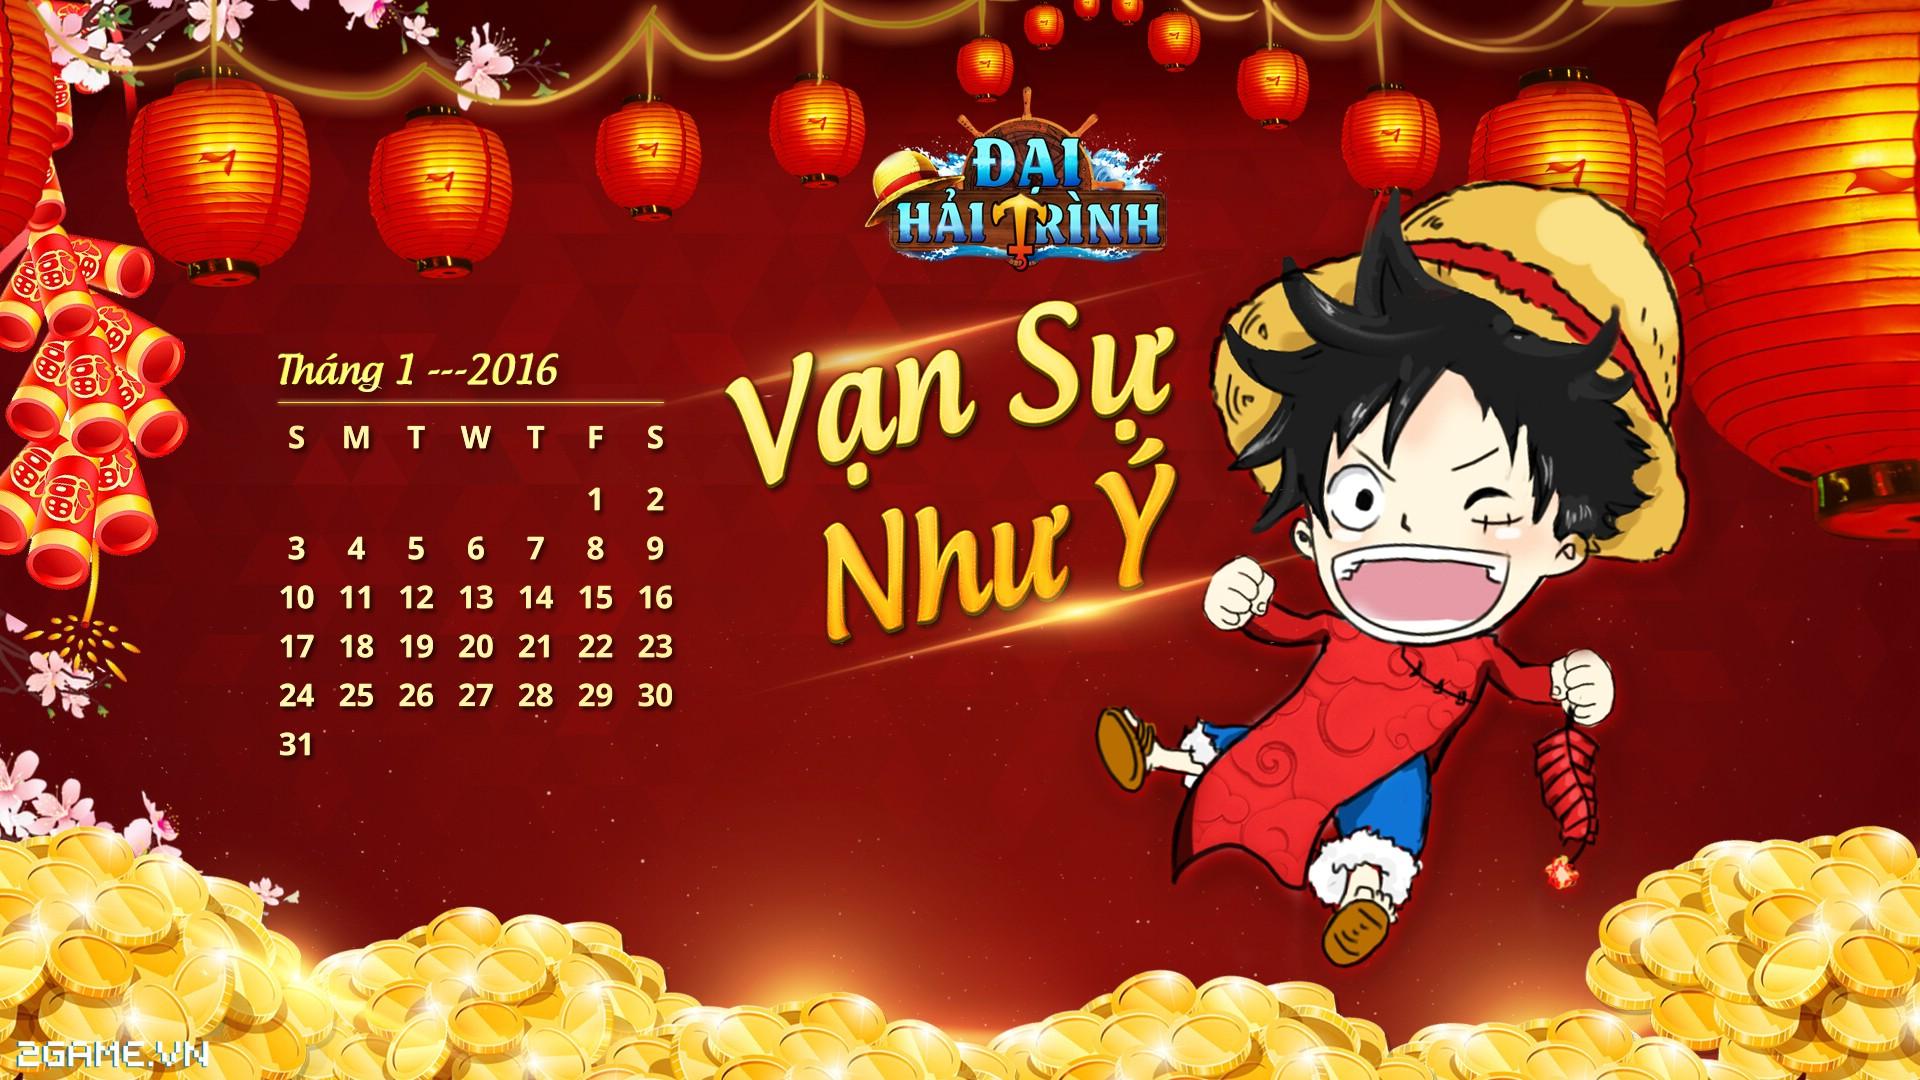 Cùng ngắm hải tặc One Piece mặc áo dài Việt Nam 1